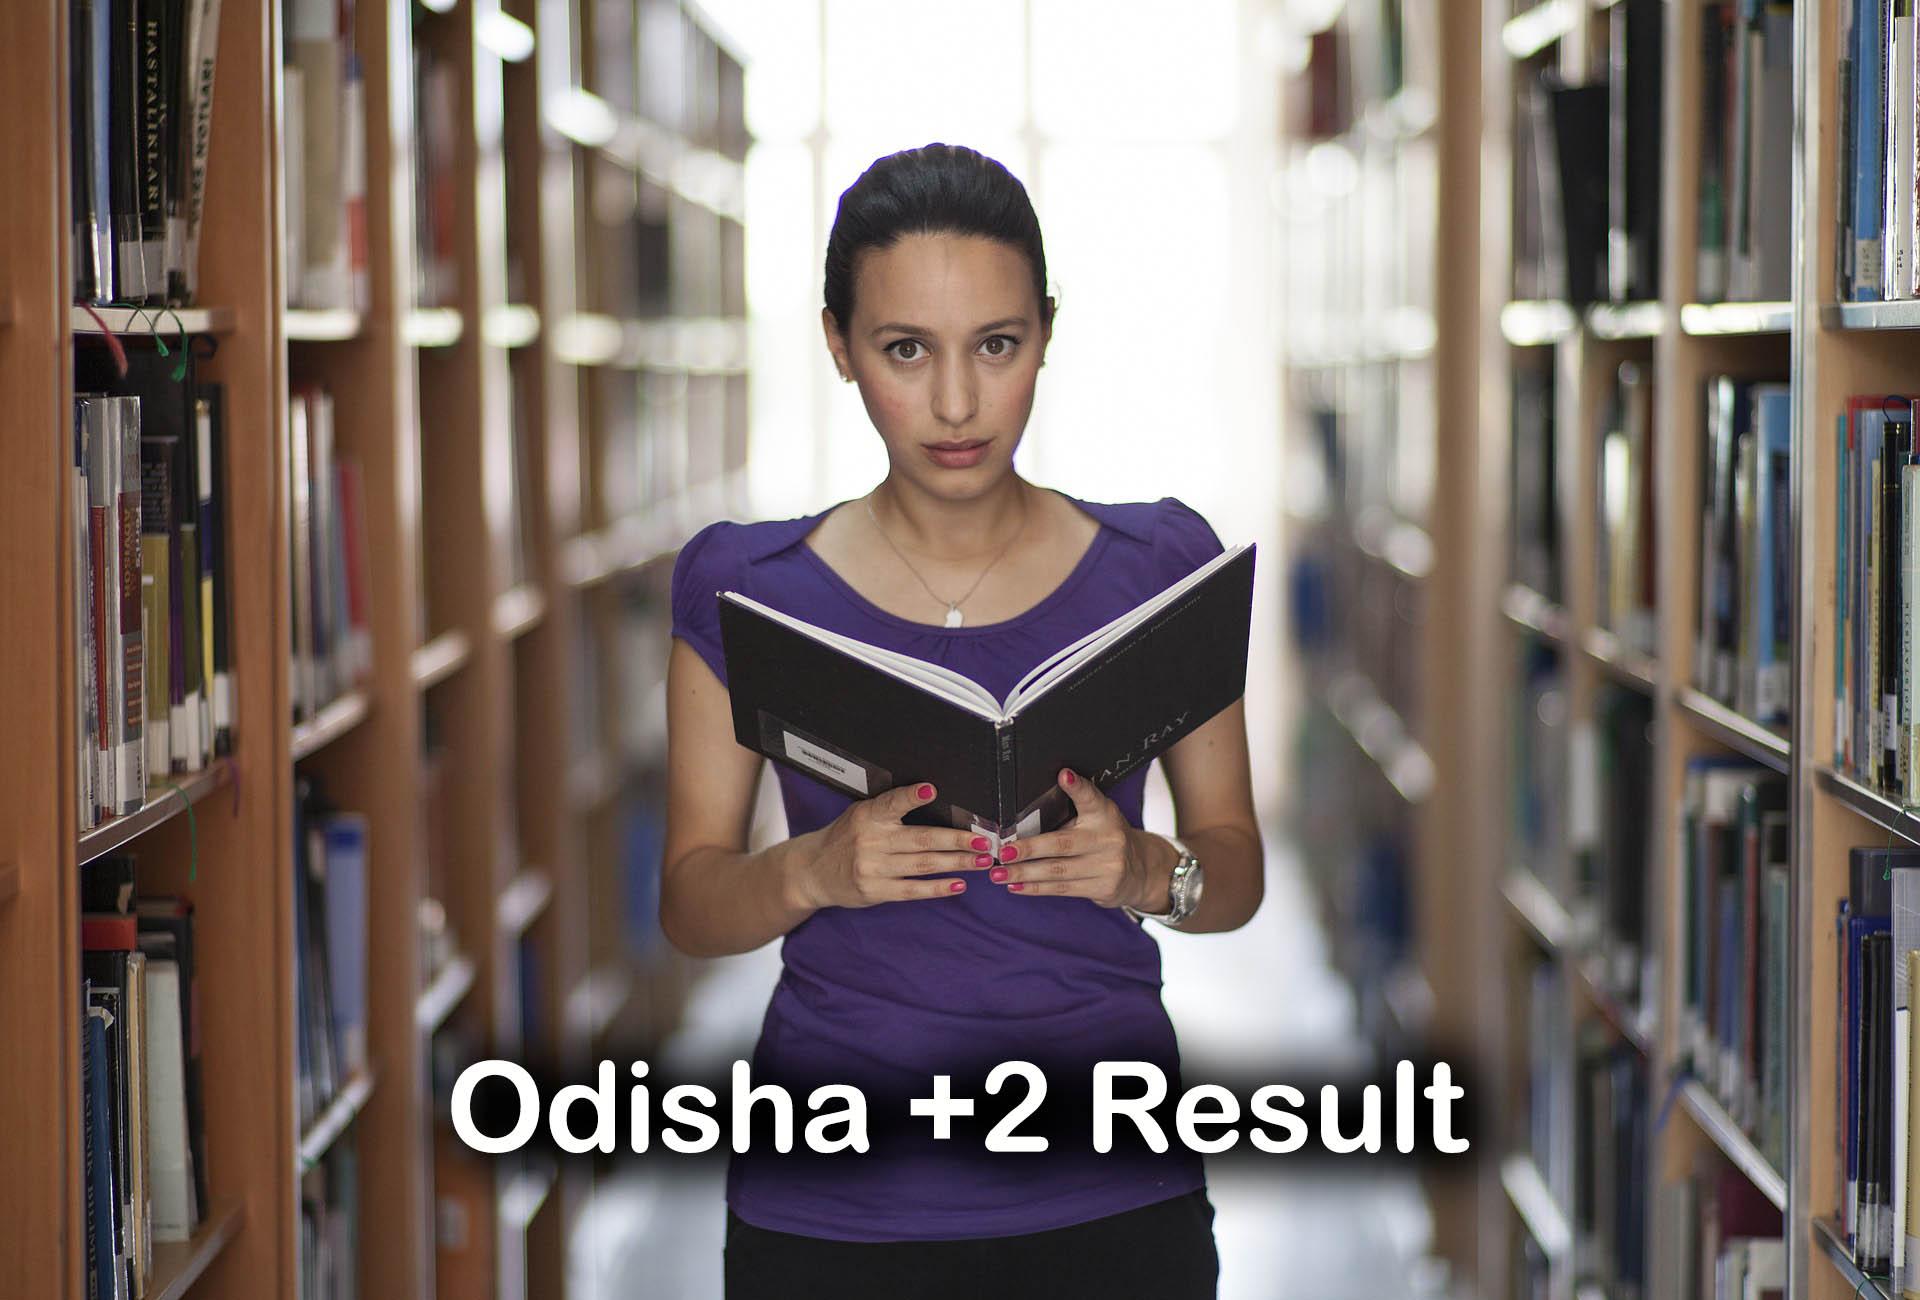 Odisha +2 Result